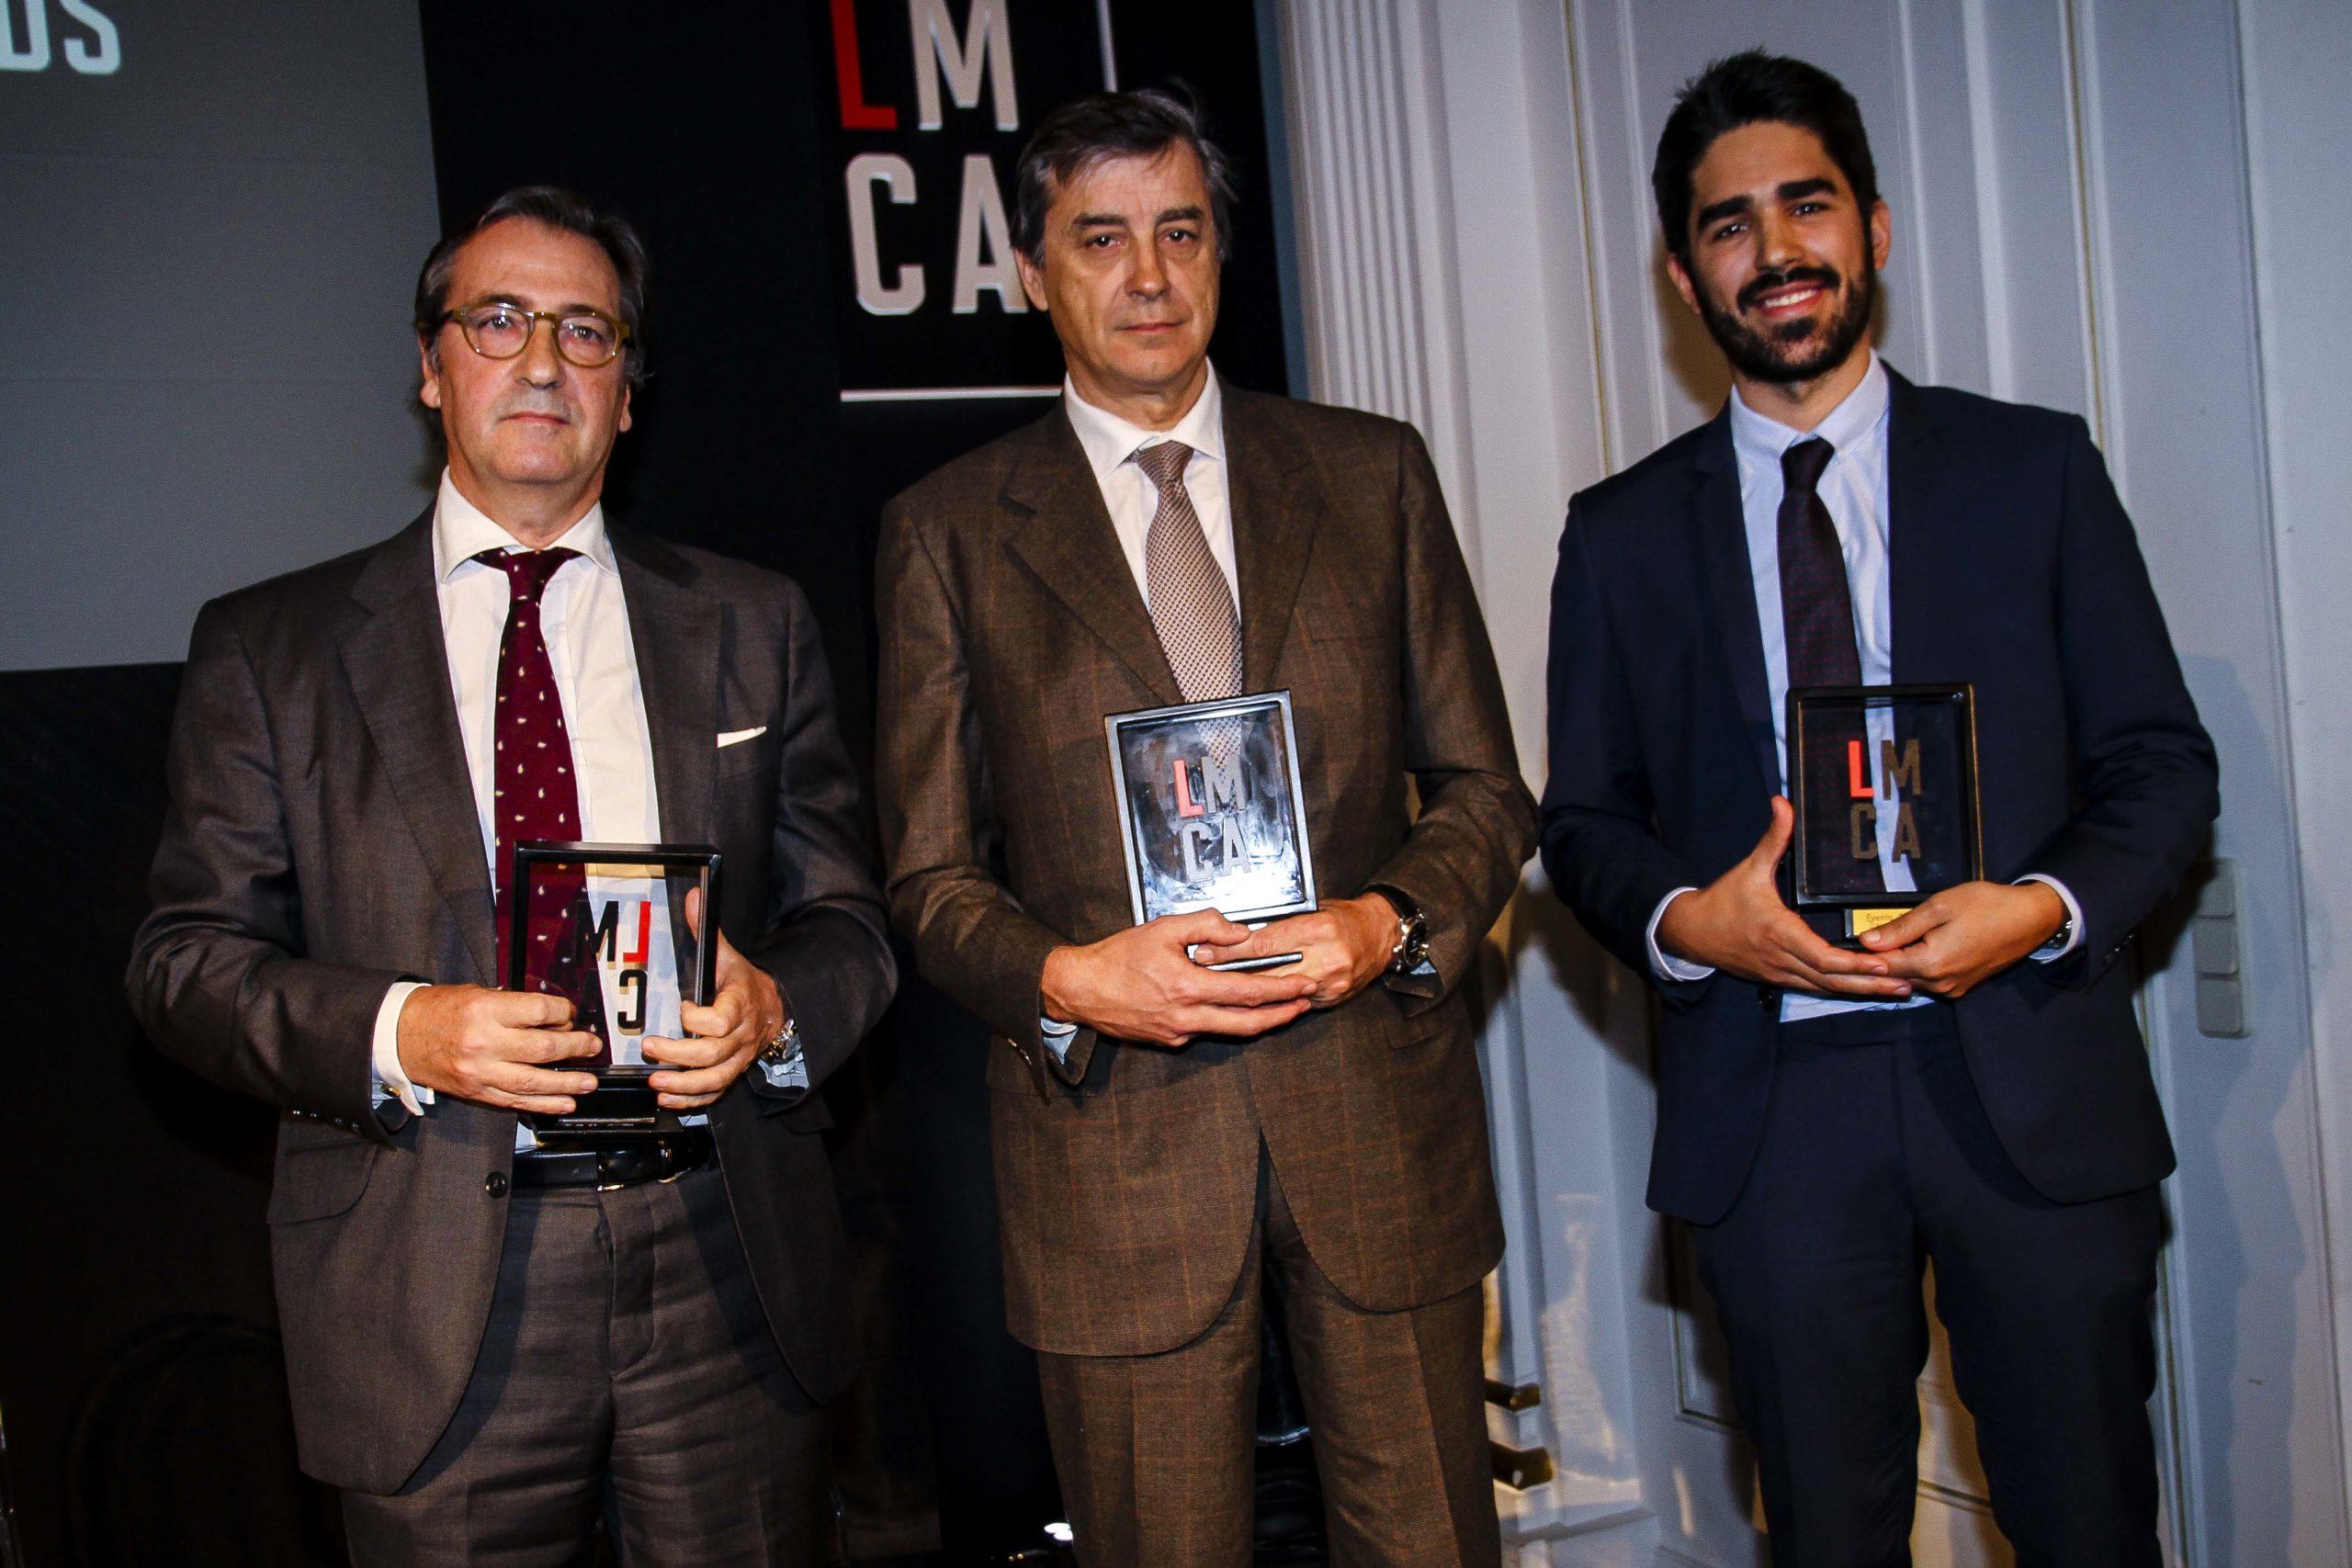 José Francisco Estévez, de Cremades & Calvo Sotelo, Agustín Bau, de Jausas, y Josep Navajo, de Delvy Law, premiados al mejor evento. Confilegal.